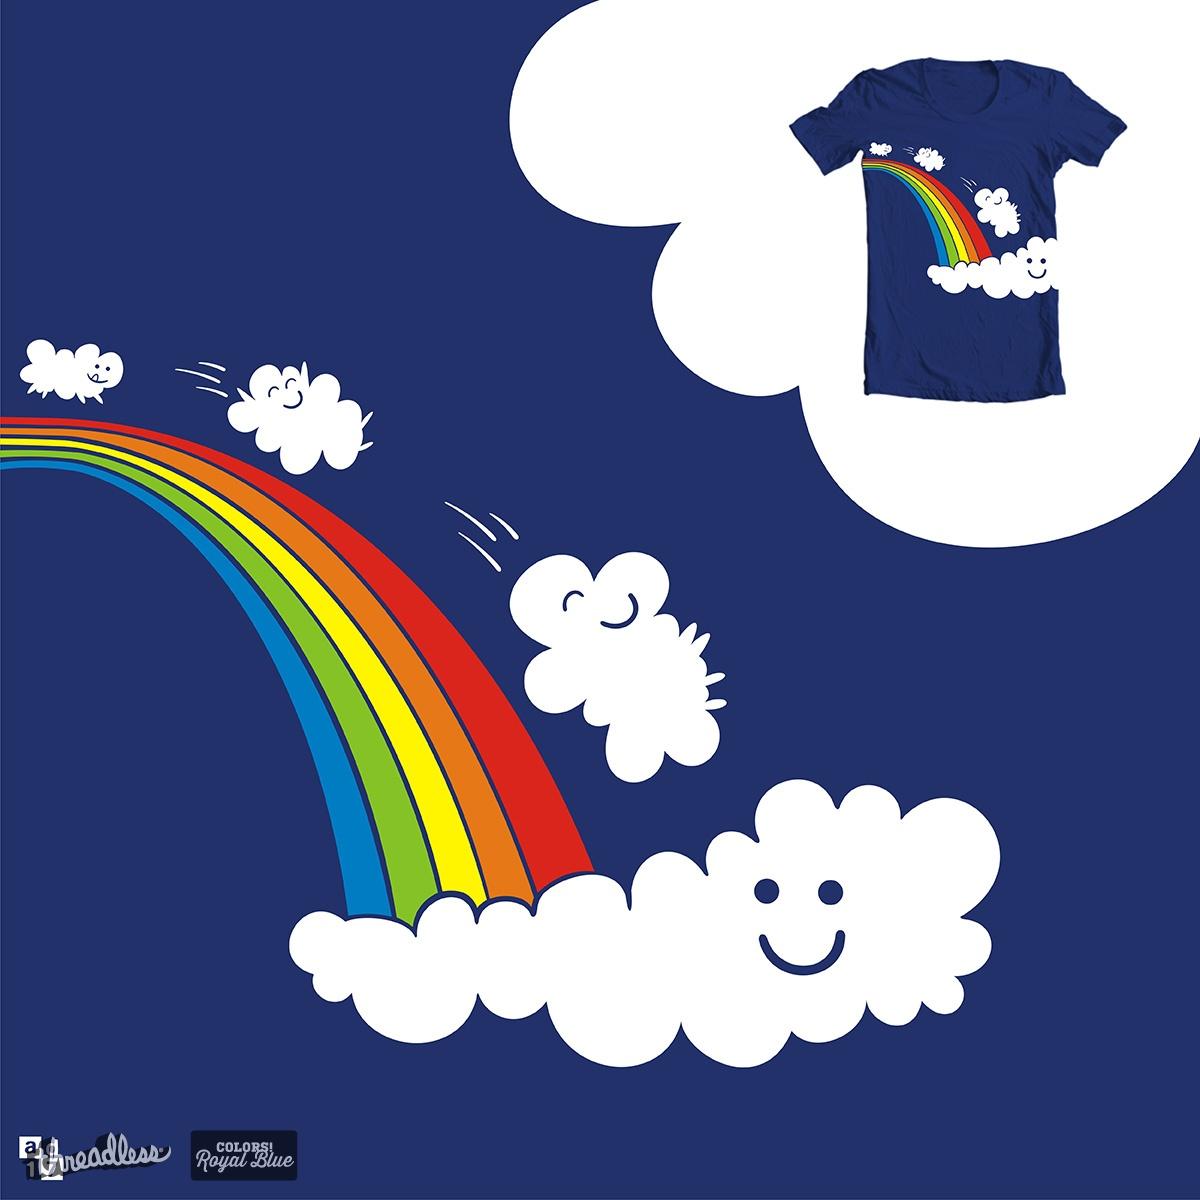 cloud play on the rainbow by a.d.17 on Threadless